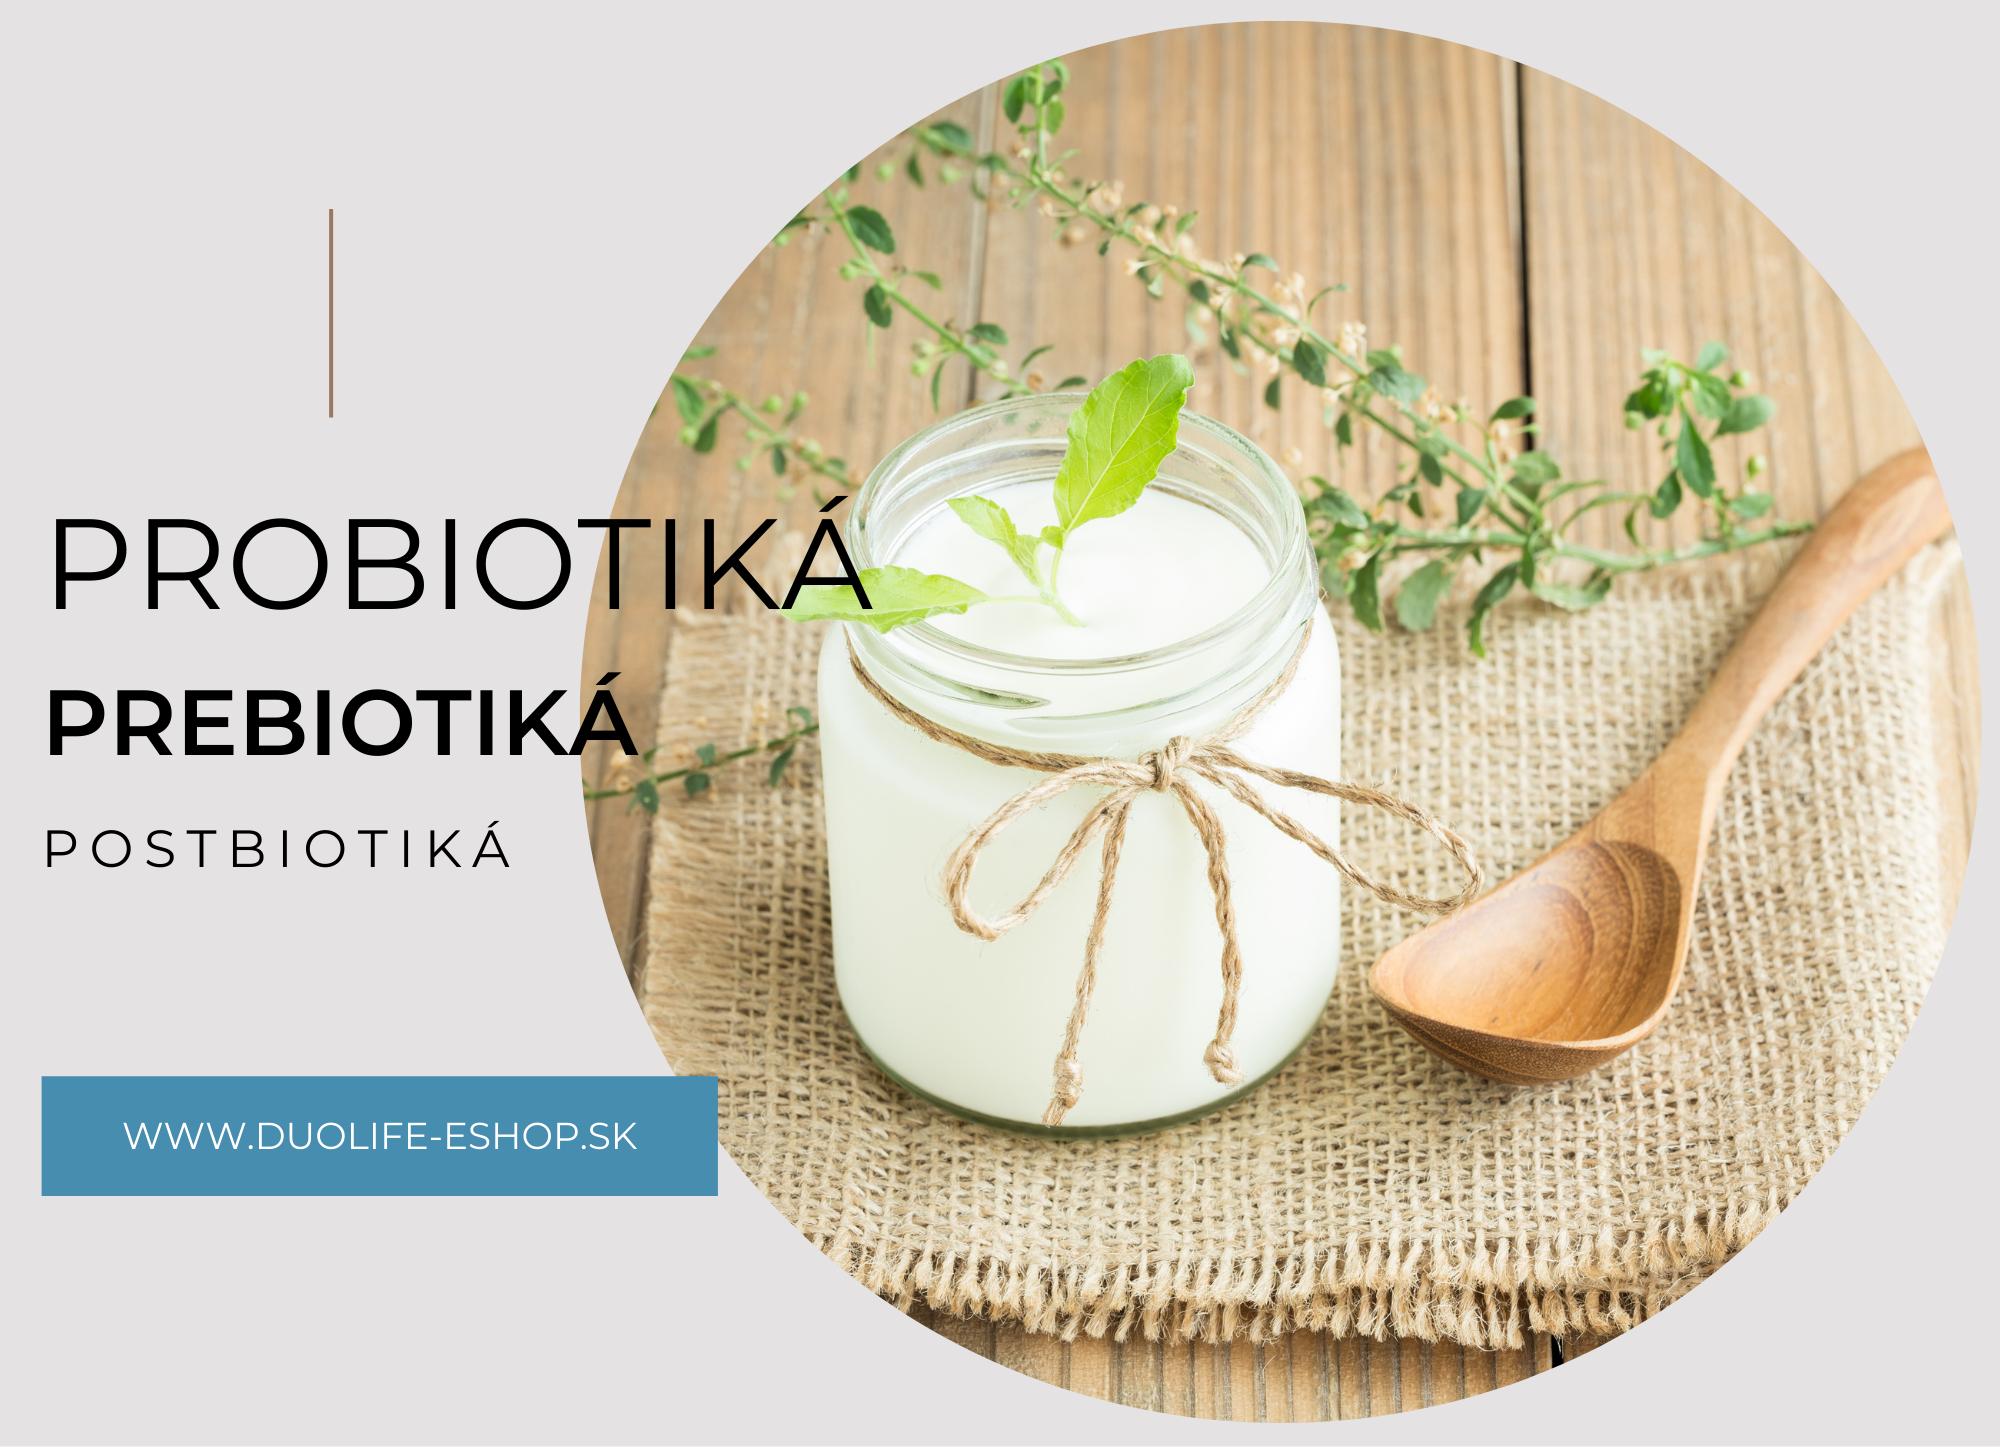 Čo sú probiotiká a ako účinkujú